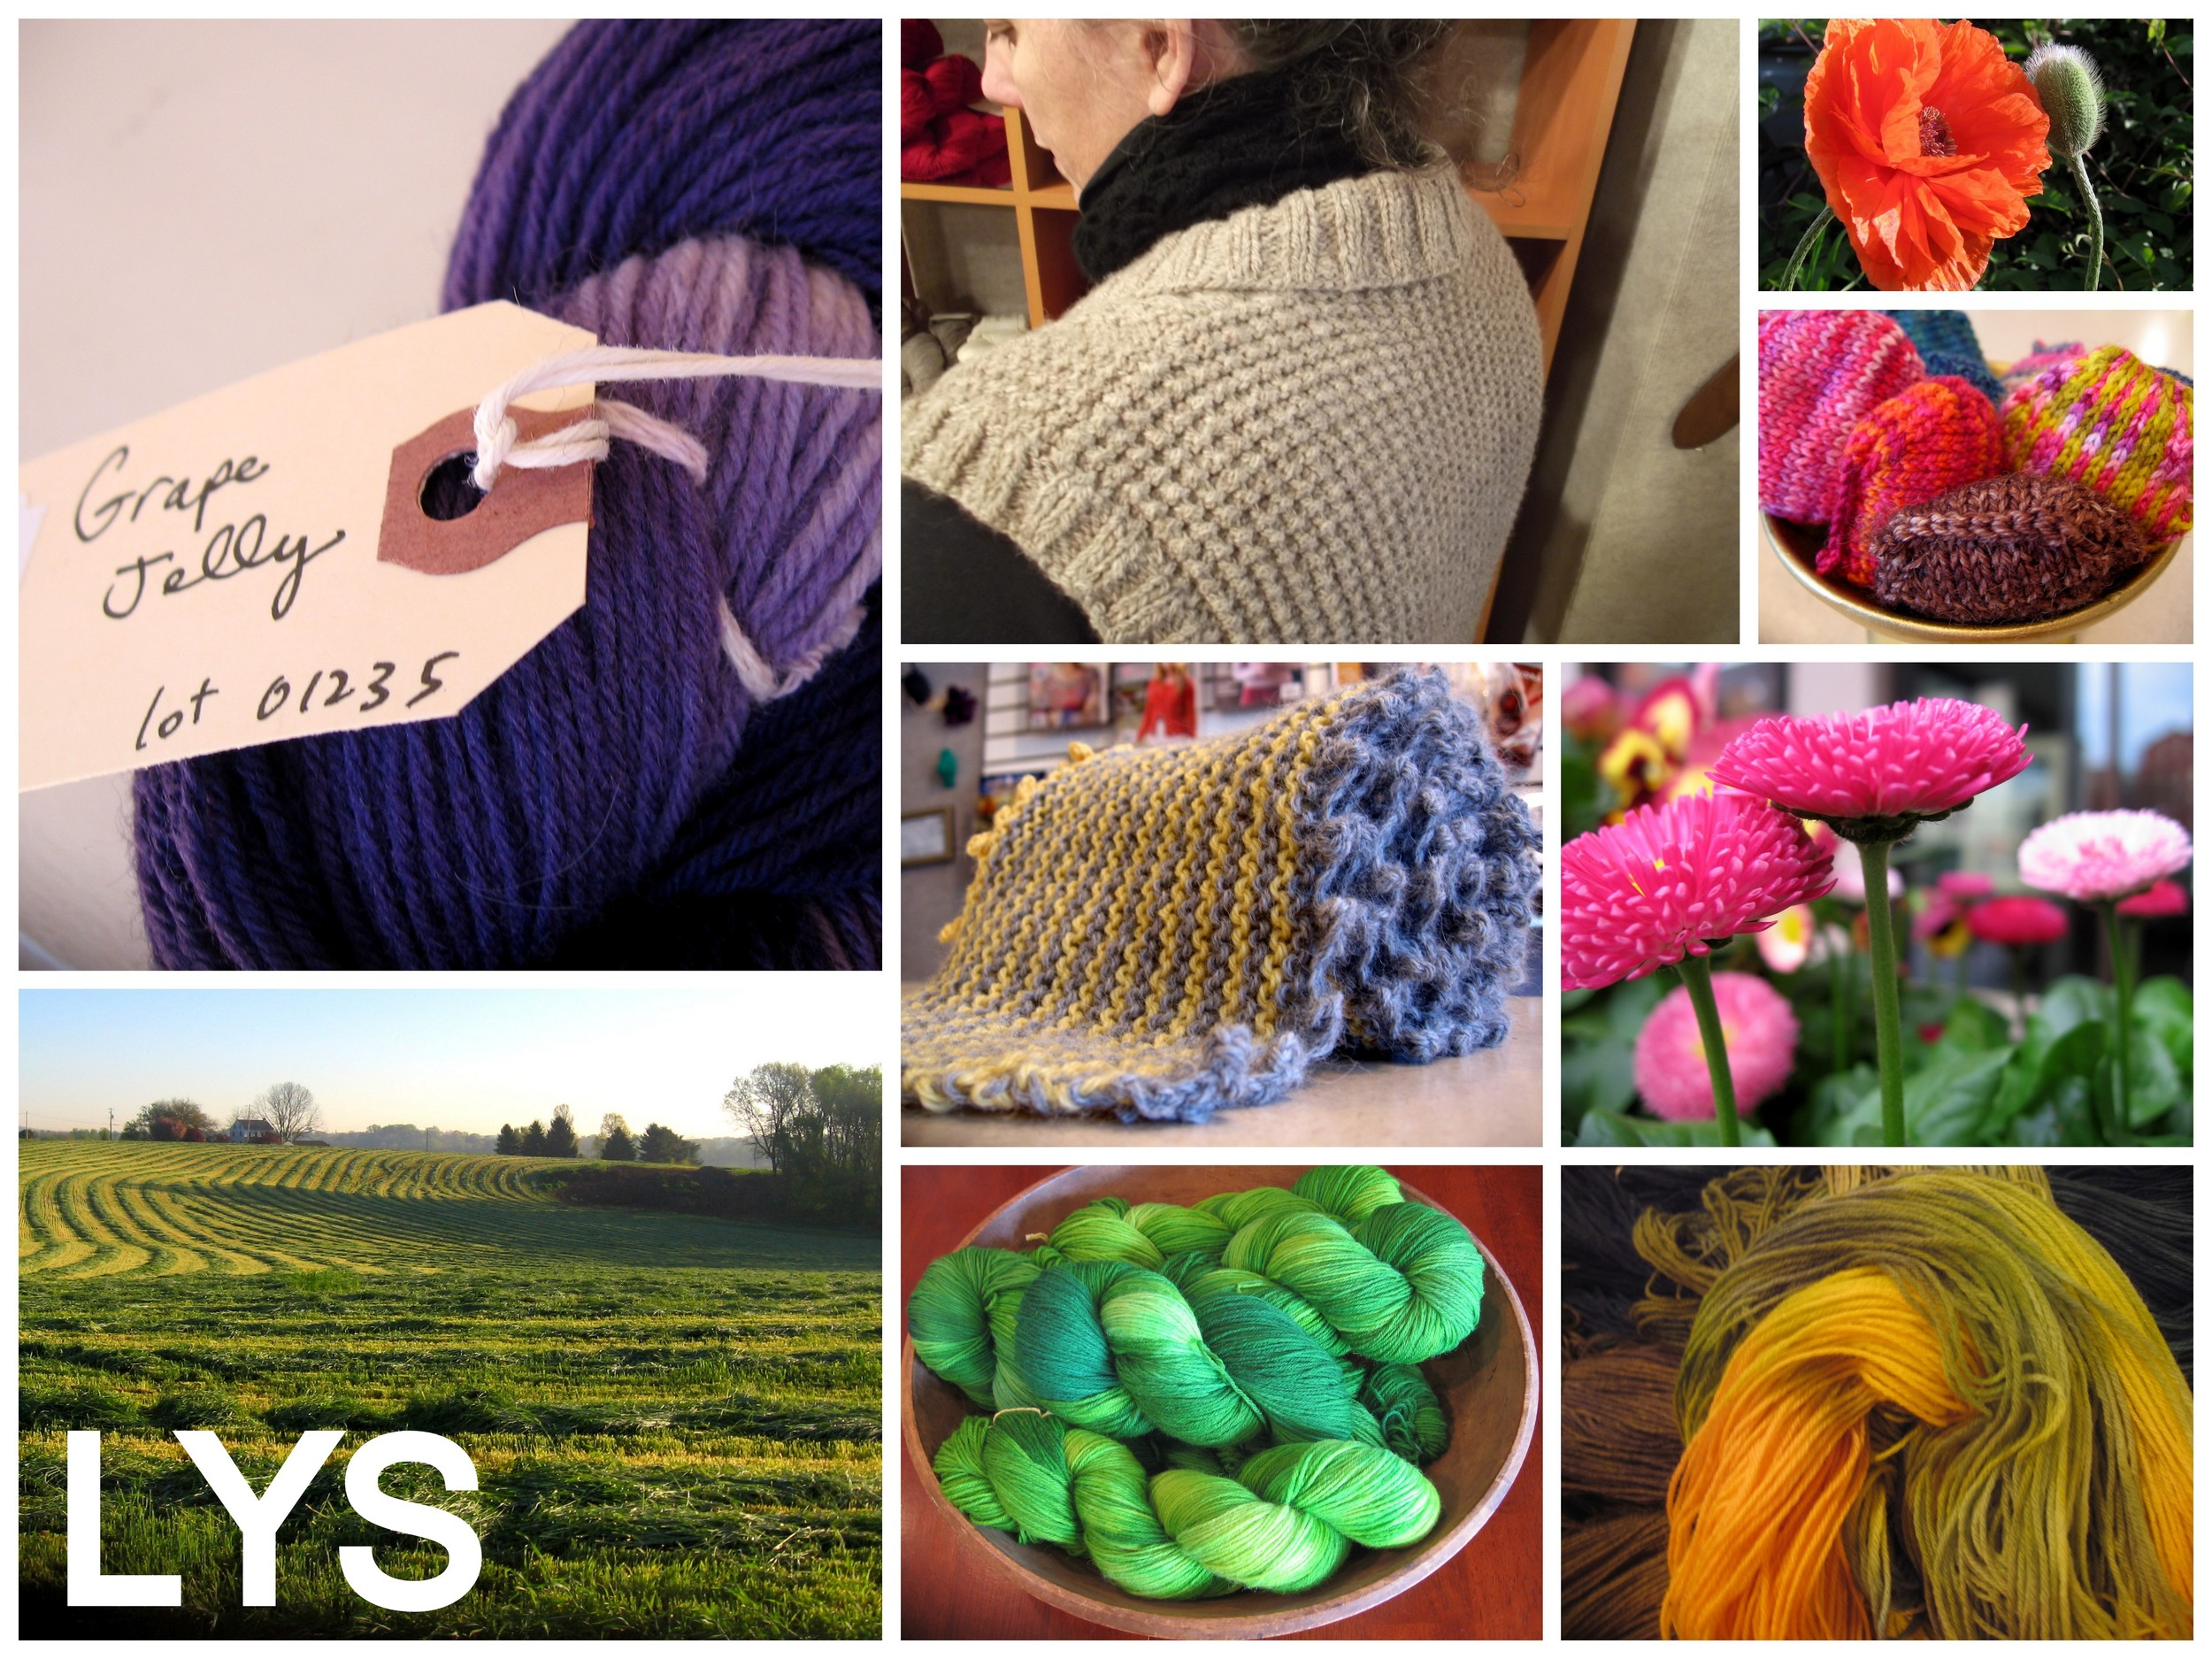 Keep on knittin'.